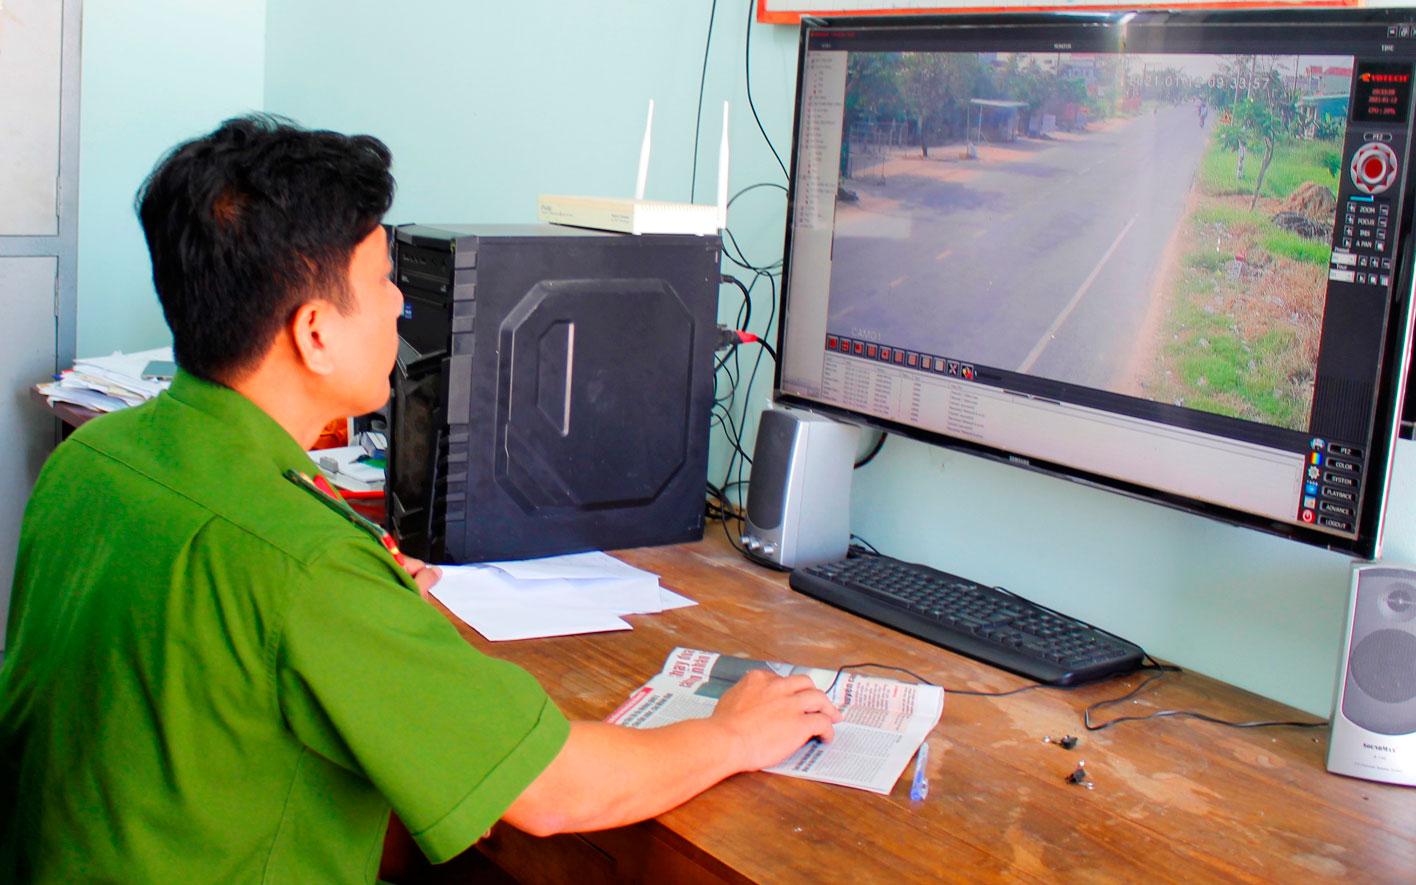 Thông qua mô hình Camera giám sát an ninh, trật tự giúp lực lượng công an giải quyết nhiều vụ việc liên quan đến an toàn giao thông, trộm, cướp tài sản